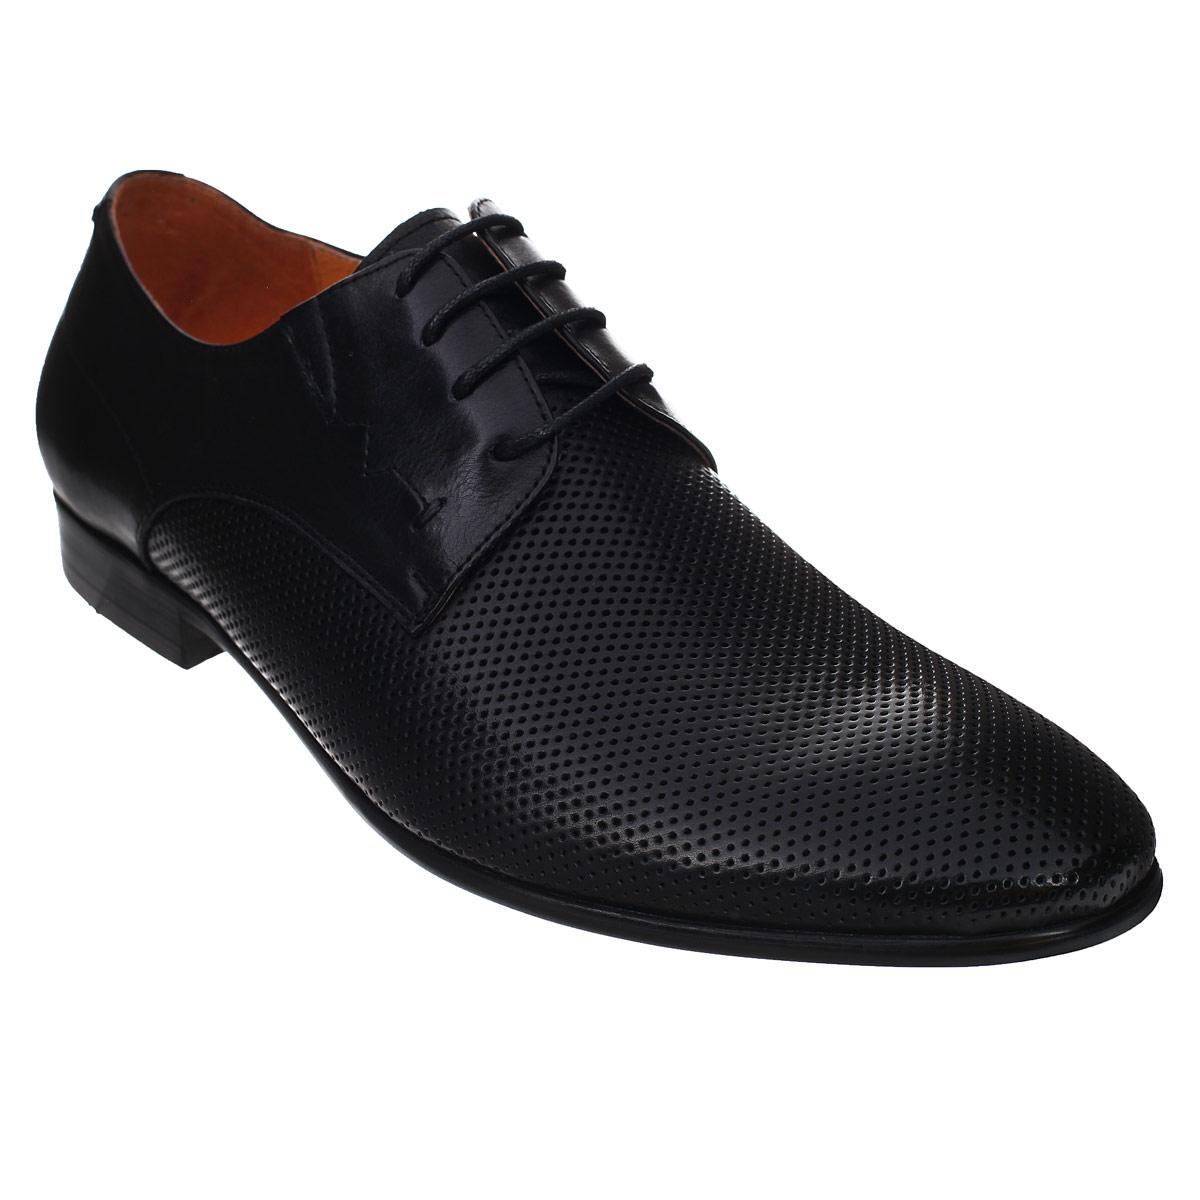 Туфли мужские. 516551657Элегантные мужские туфли от Antonio Biaggi отлично дополнят ваш деловой образ. Модель выполнена из высококачественной натуральной кожи и оформлена перфорацией. Резинки, расположенные на подъеме, гарантируют оптимальную посадку модели на ноге. Шнуровка надежно закрепит модель на ноге. Стелька из мягкой натуральной кожи с супинатором обеспечивает максимальный комфорт при движении. Умеренной высоты каблук и подошва с рифлением обеспечивают отличное сцепление с поверхностью. Стильные туфли займут достойное место среди вашей коллекции обуви.